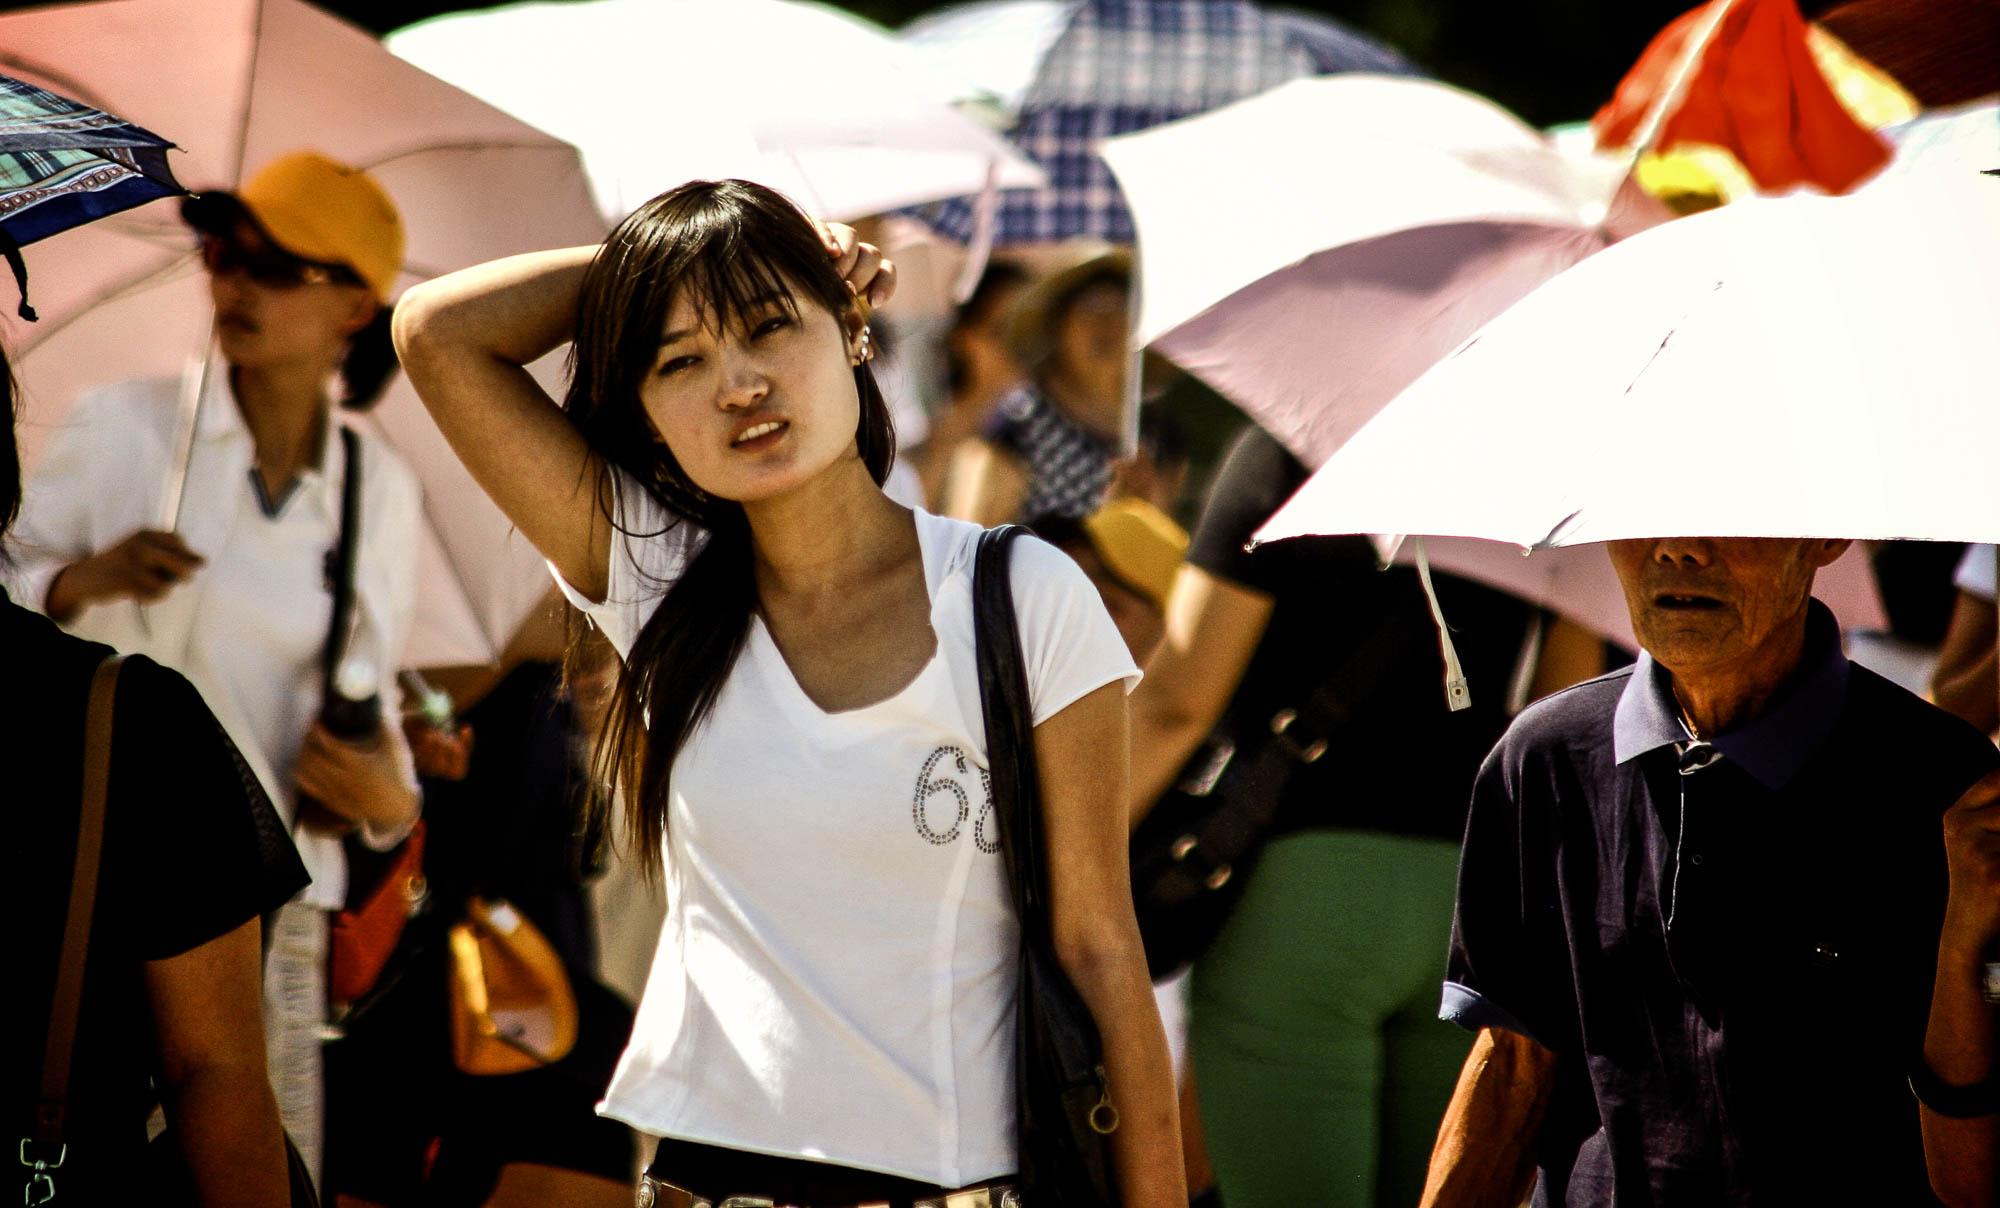 CHINA_2006_people_jusmedic - 3